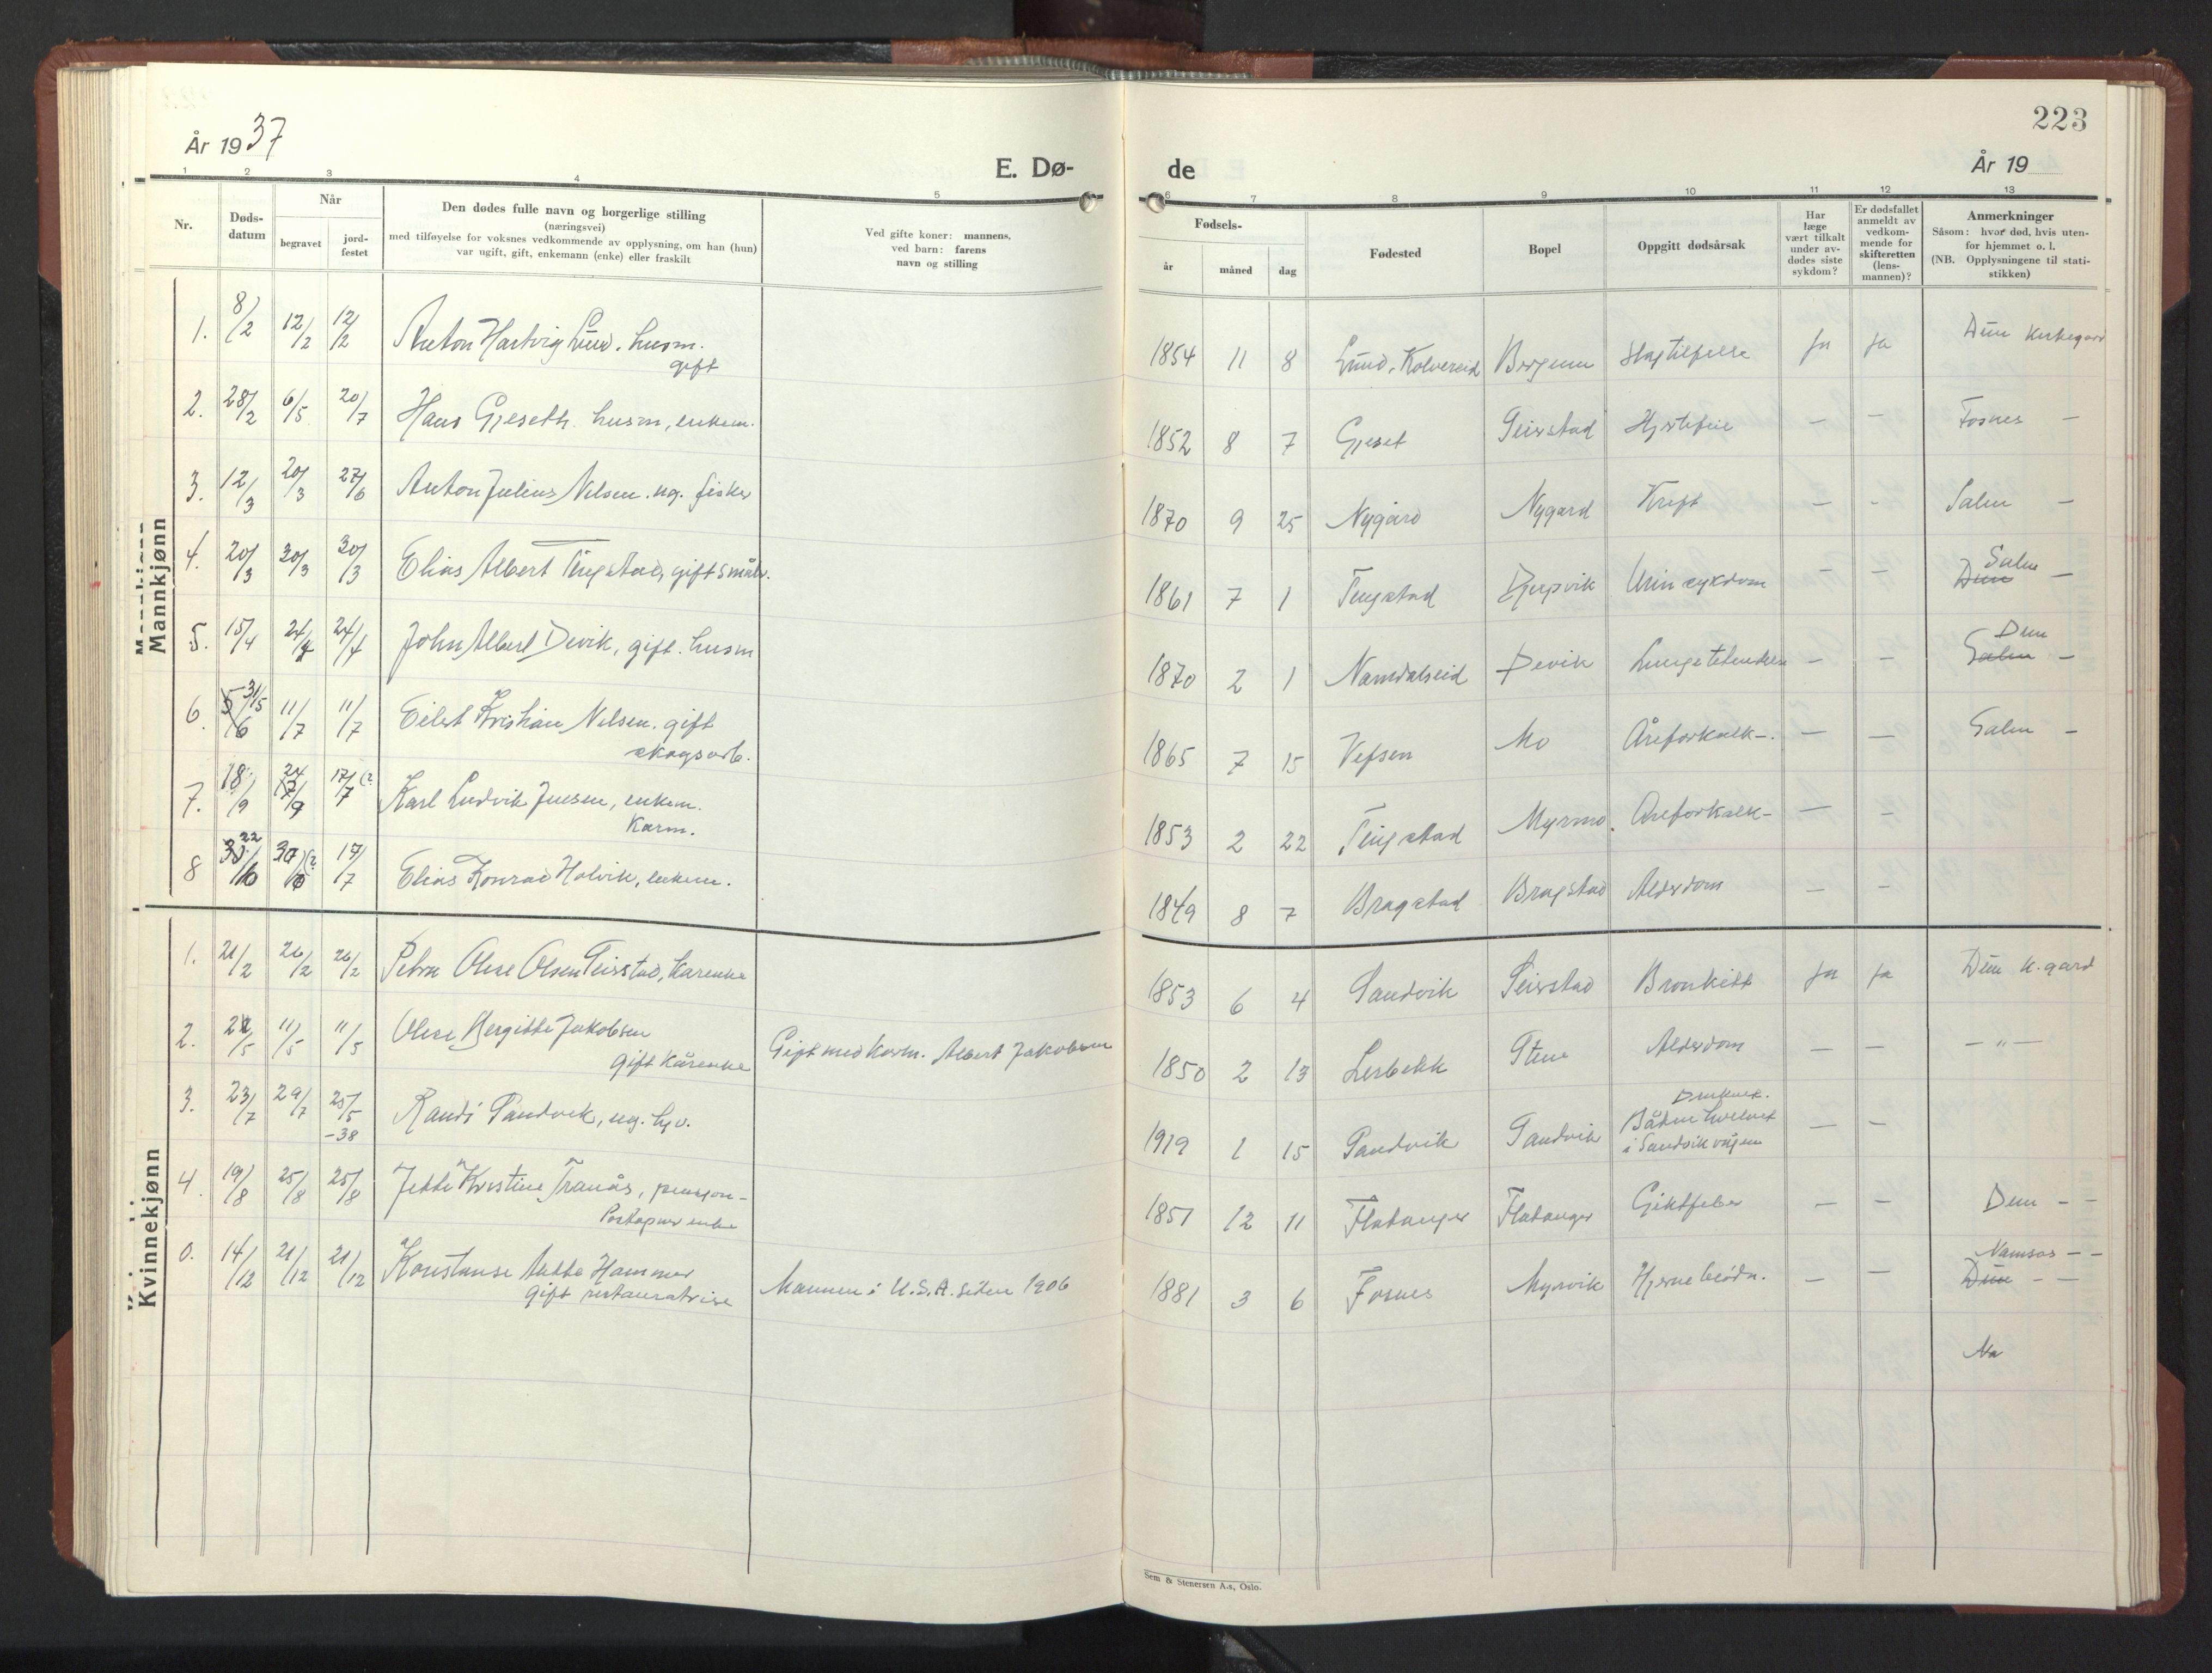 SAT, Ministerialprotokoller, klokkerbøker og fødselsregistre - Nord-Trøndelag, 773/L0625: Klokkerbok nr. 773C01, 1910-1952, s. 223